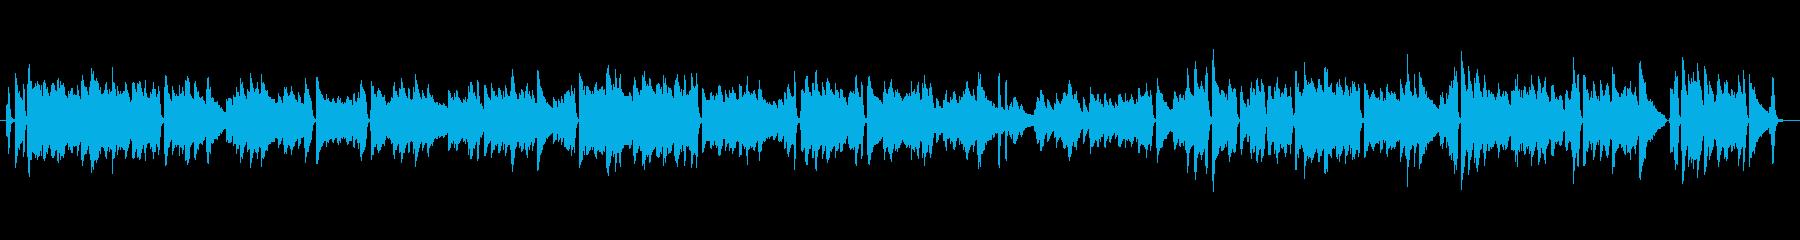 ジャズチックなピアノ曲の再生済みの波形